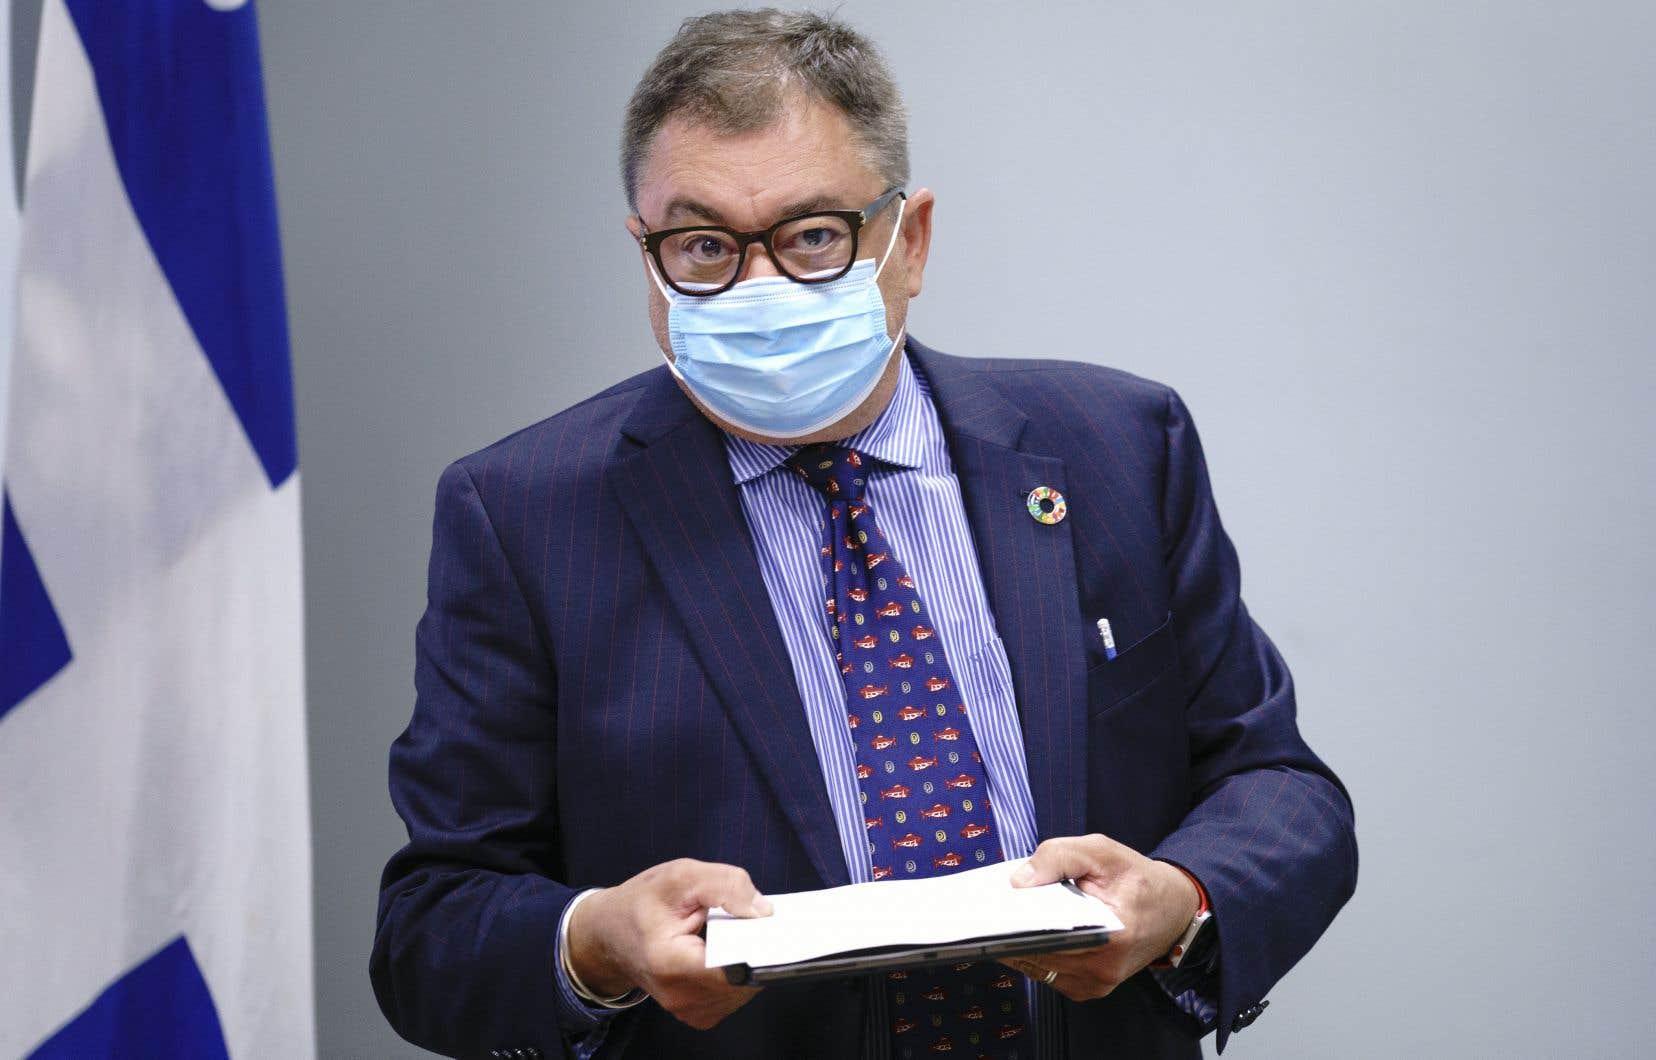 Le directeur de la santé publique du Québec, Horacio Arruda, est conscient des difficultés d'interprétation que pose un décret tel que celui qui vient d'être adopté pour régir notre vie en société en temps de pandémie